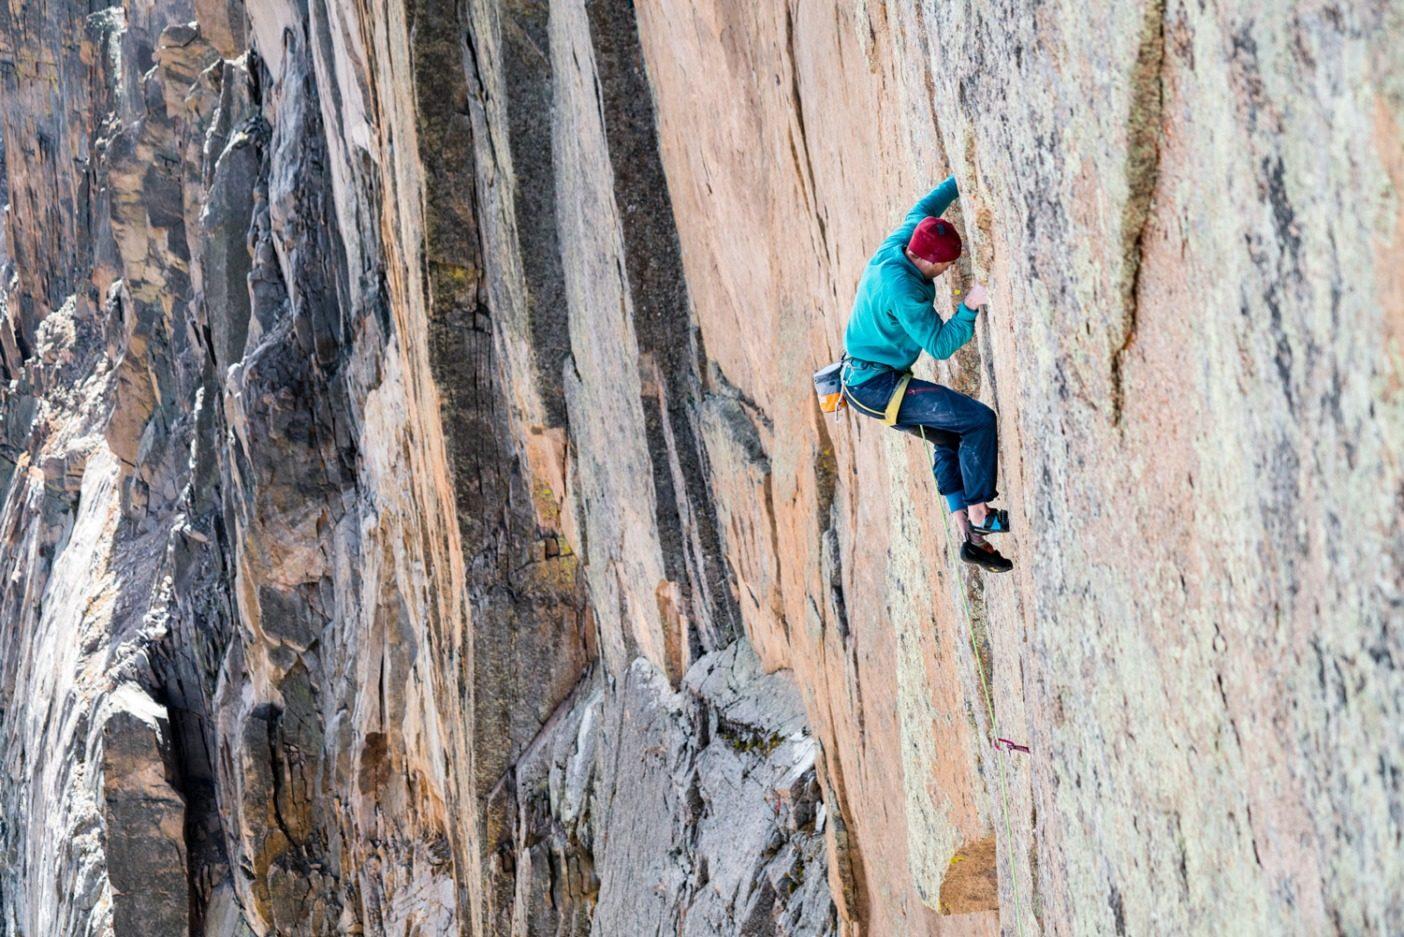 「ダン/ウエストベイ・ダイレクト」のジョシュ・ワートン。コロラド州ロッキー・マウンテン国立公園のロングス・ピークのザ・ダイアモンド Photo: John Dickey